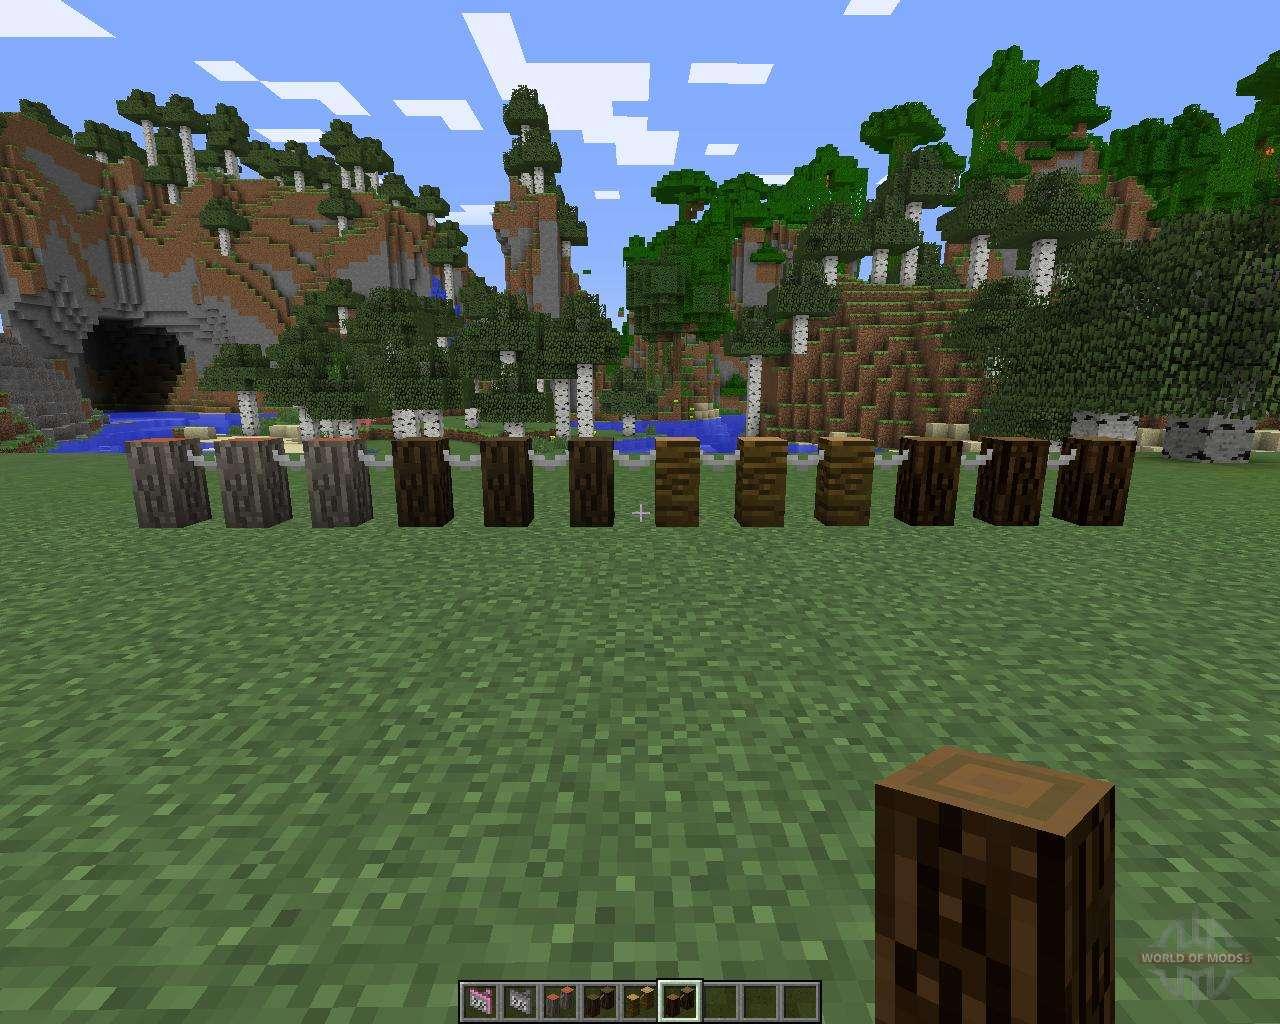 Flower Pot Minecraft Wiki - Flowers Healthy